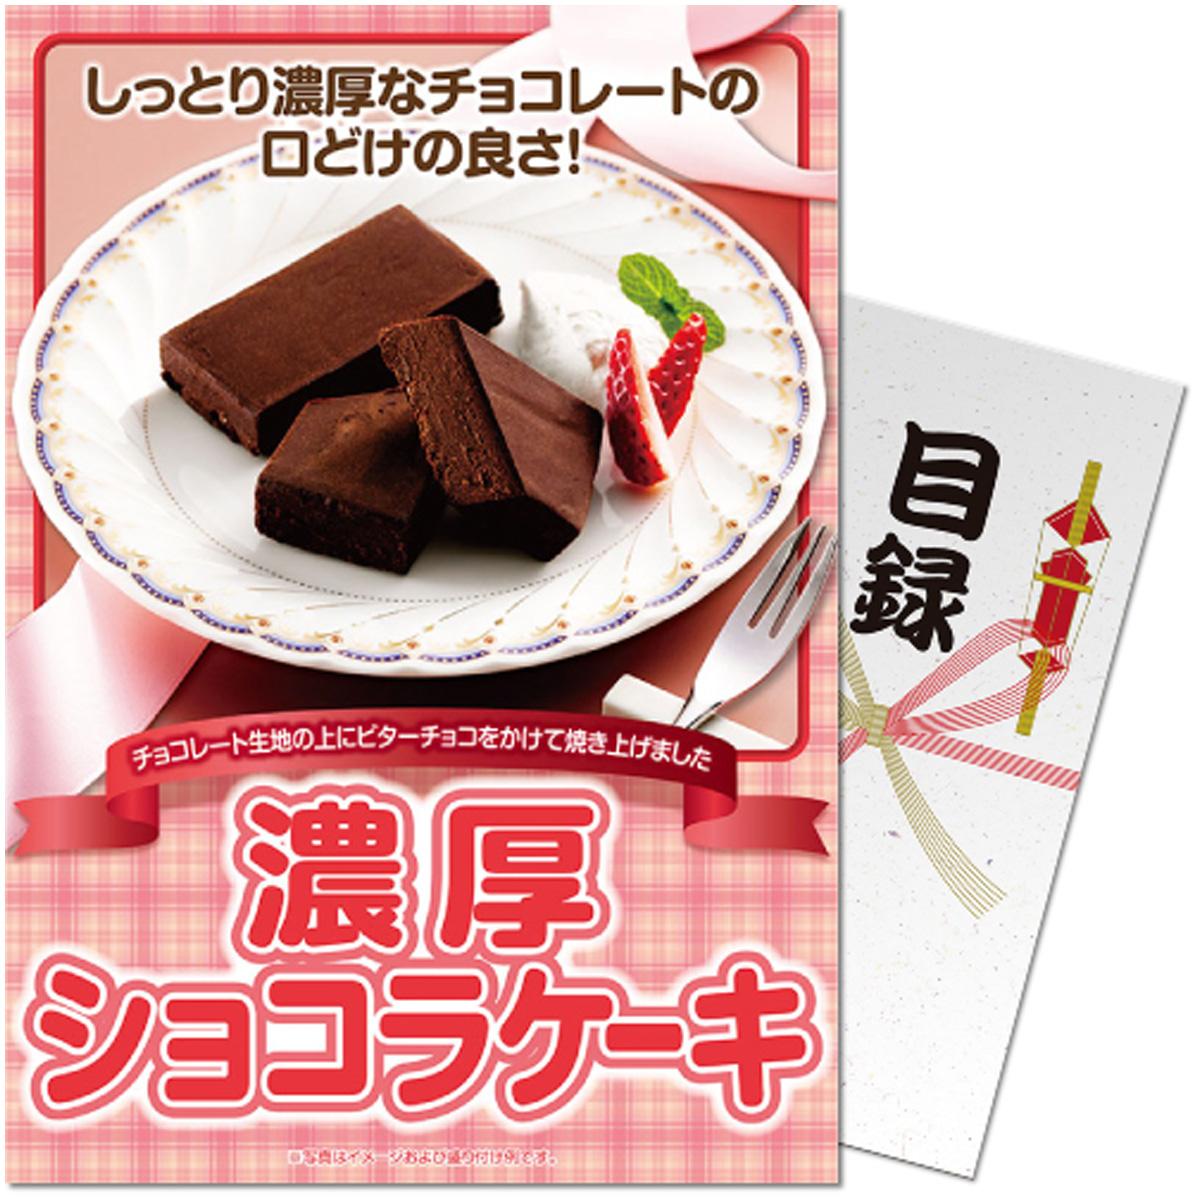 パネもく!濃厚ショコラケーキ 目録 A4パネル付き